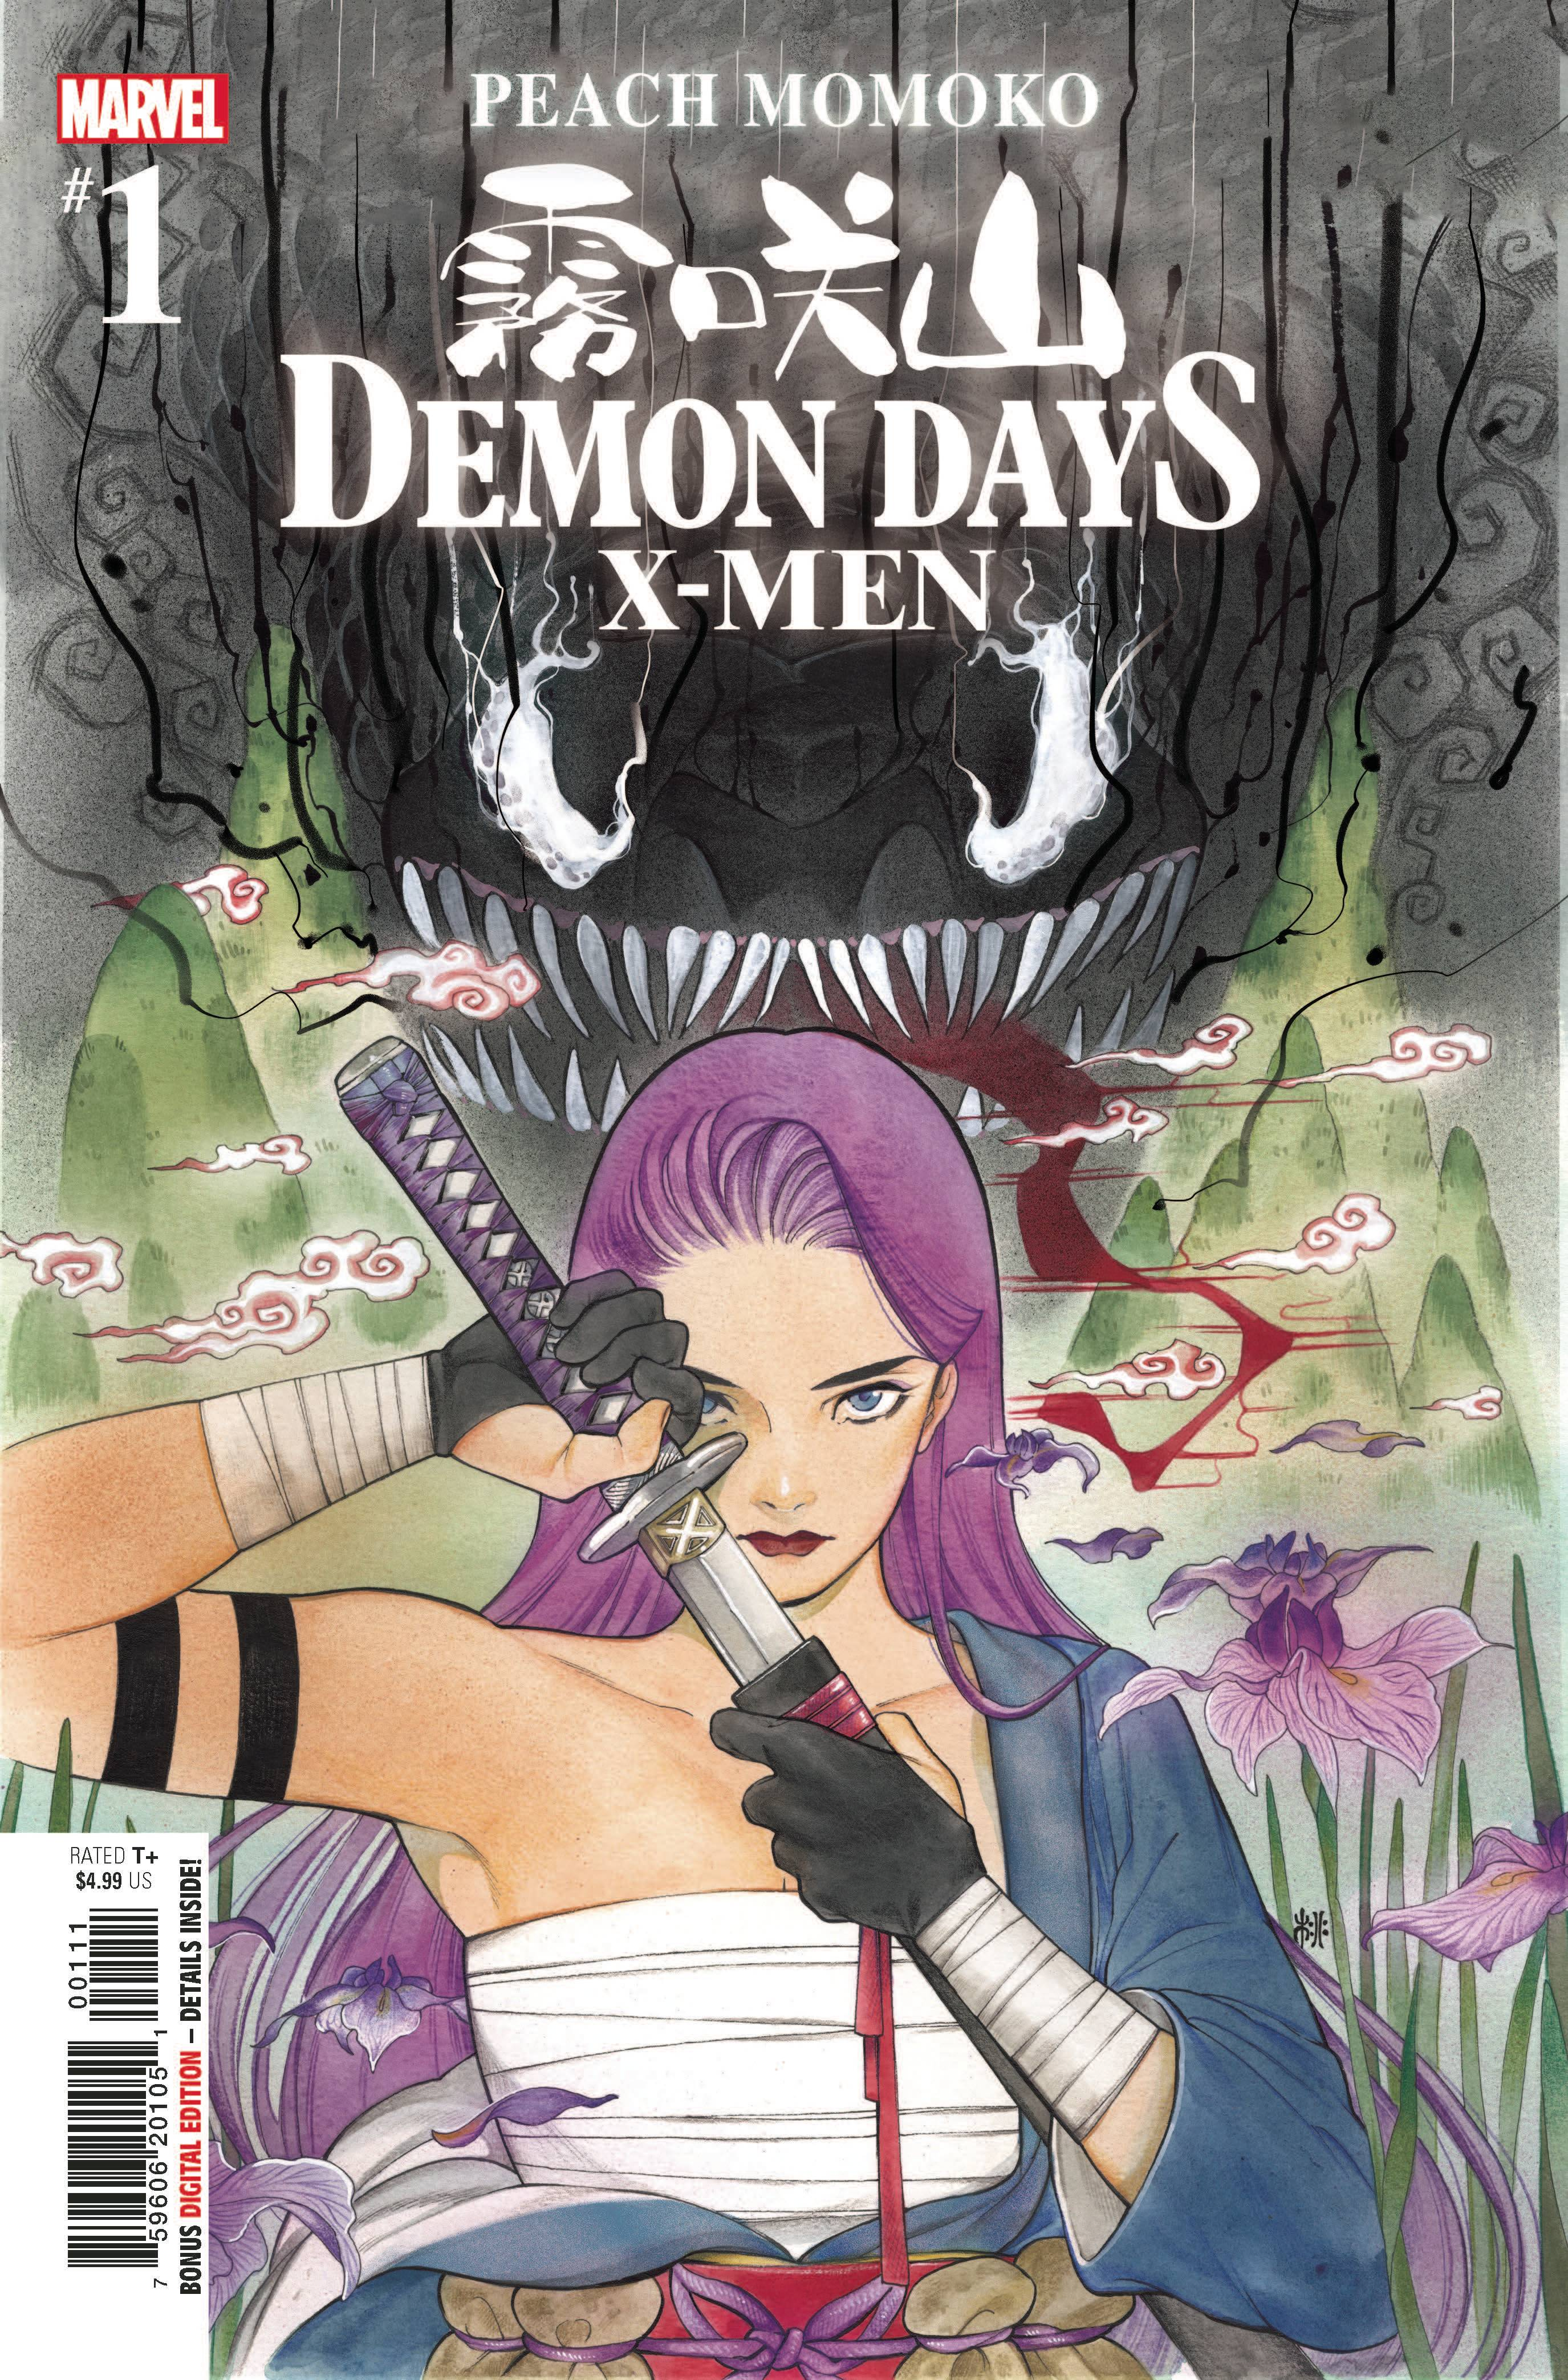 Demon Days X-Men #1